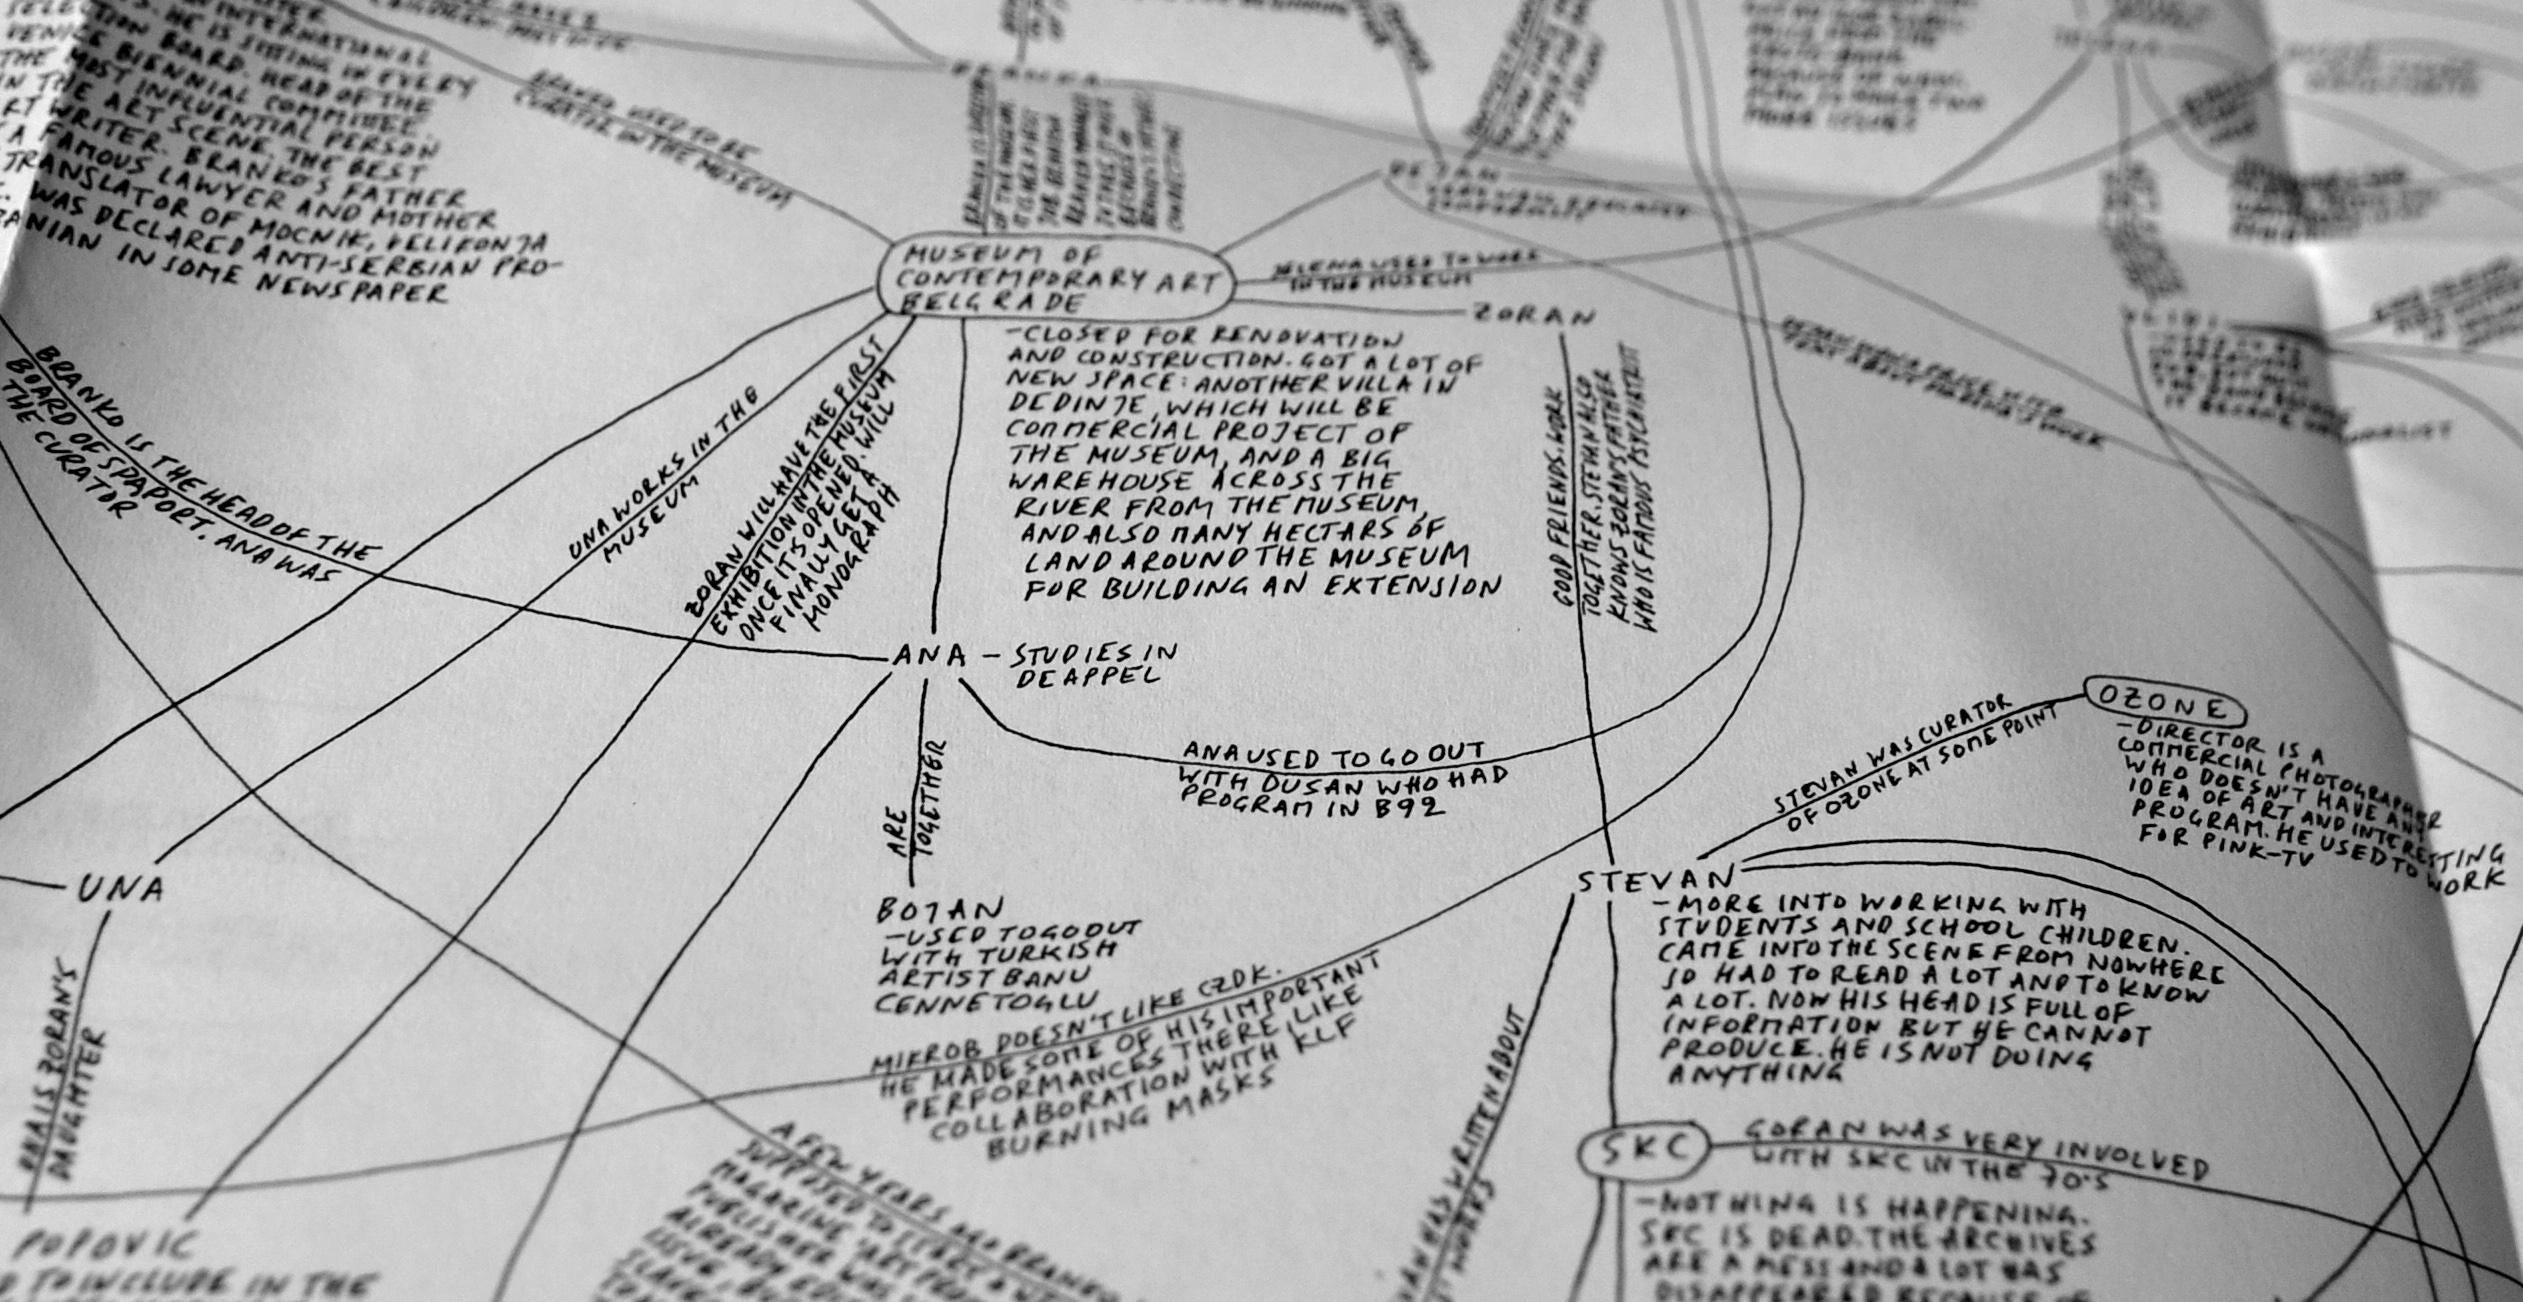 Mape 2005-2009. Katalog sa tekstovima i mapama,  detalj mape iz Beograda, Minna L. Henriksson, 2011.